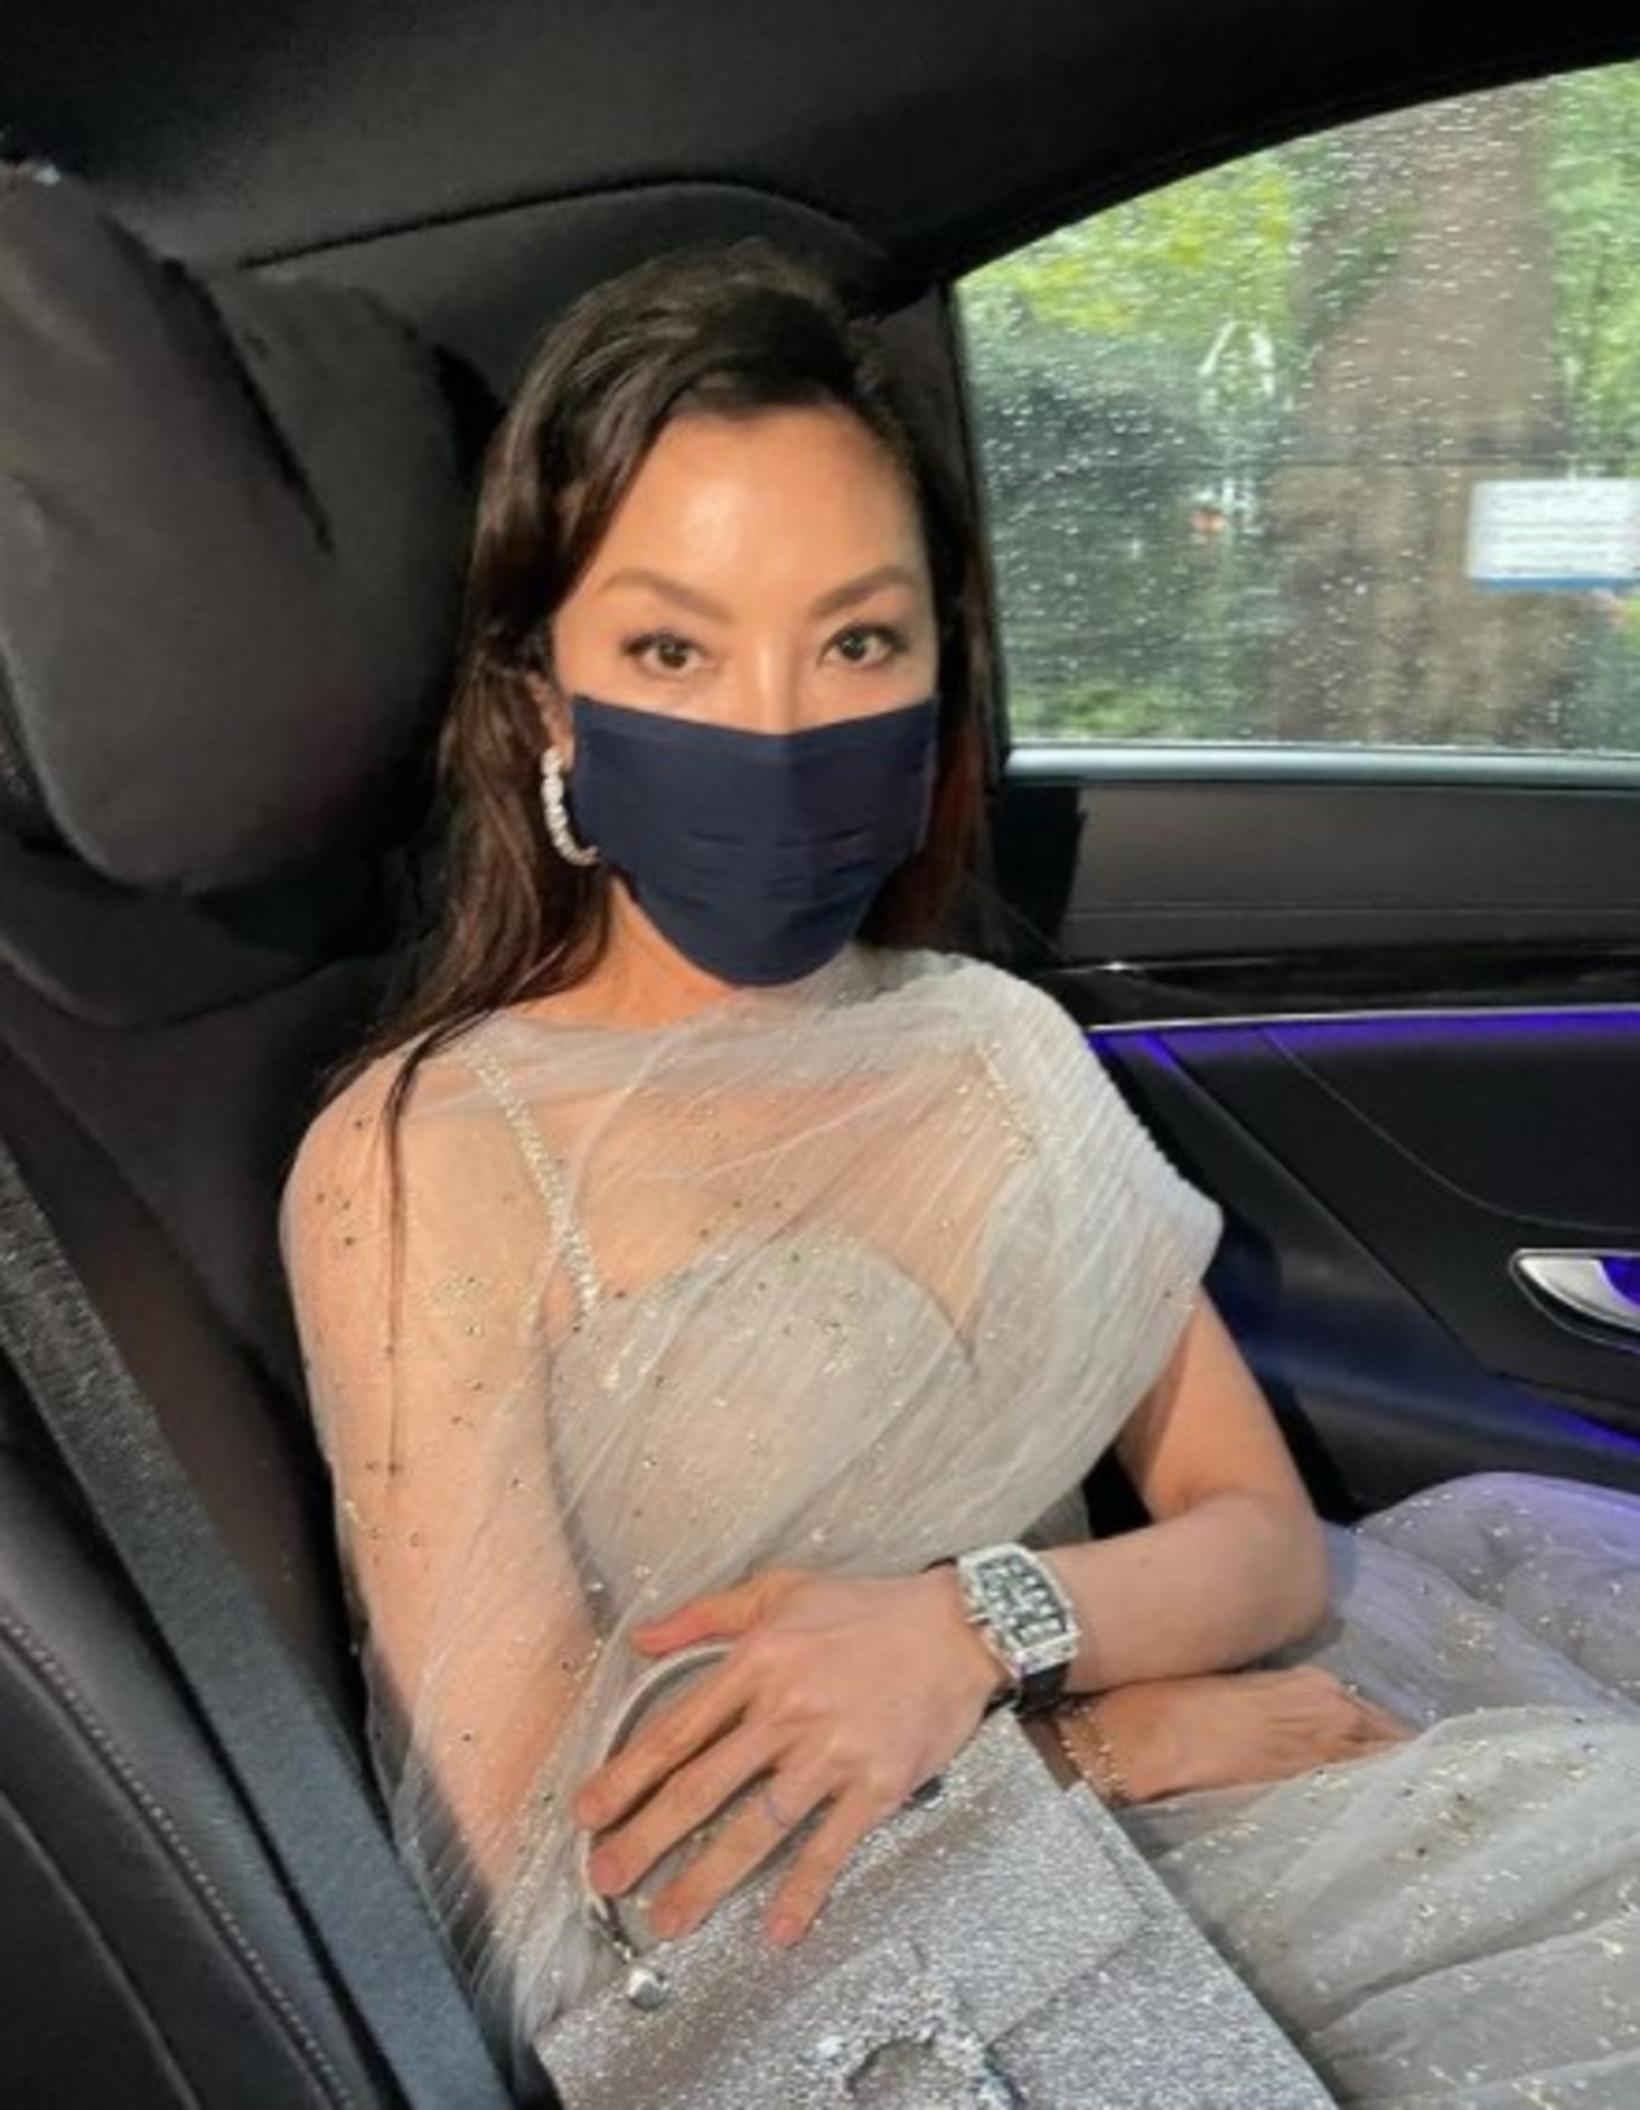 Michelle Yeoh á leið á frumsýningu með eyrnalokka og grímu.